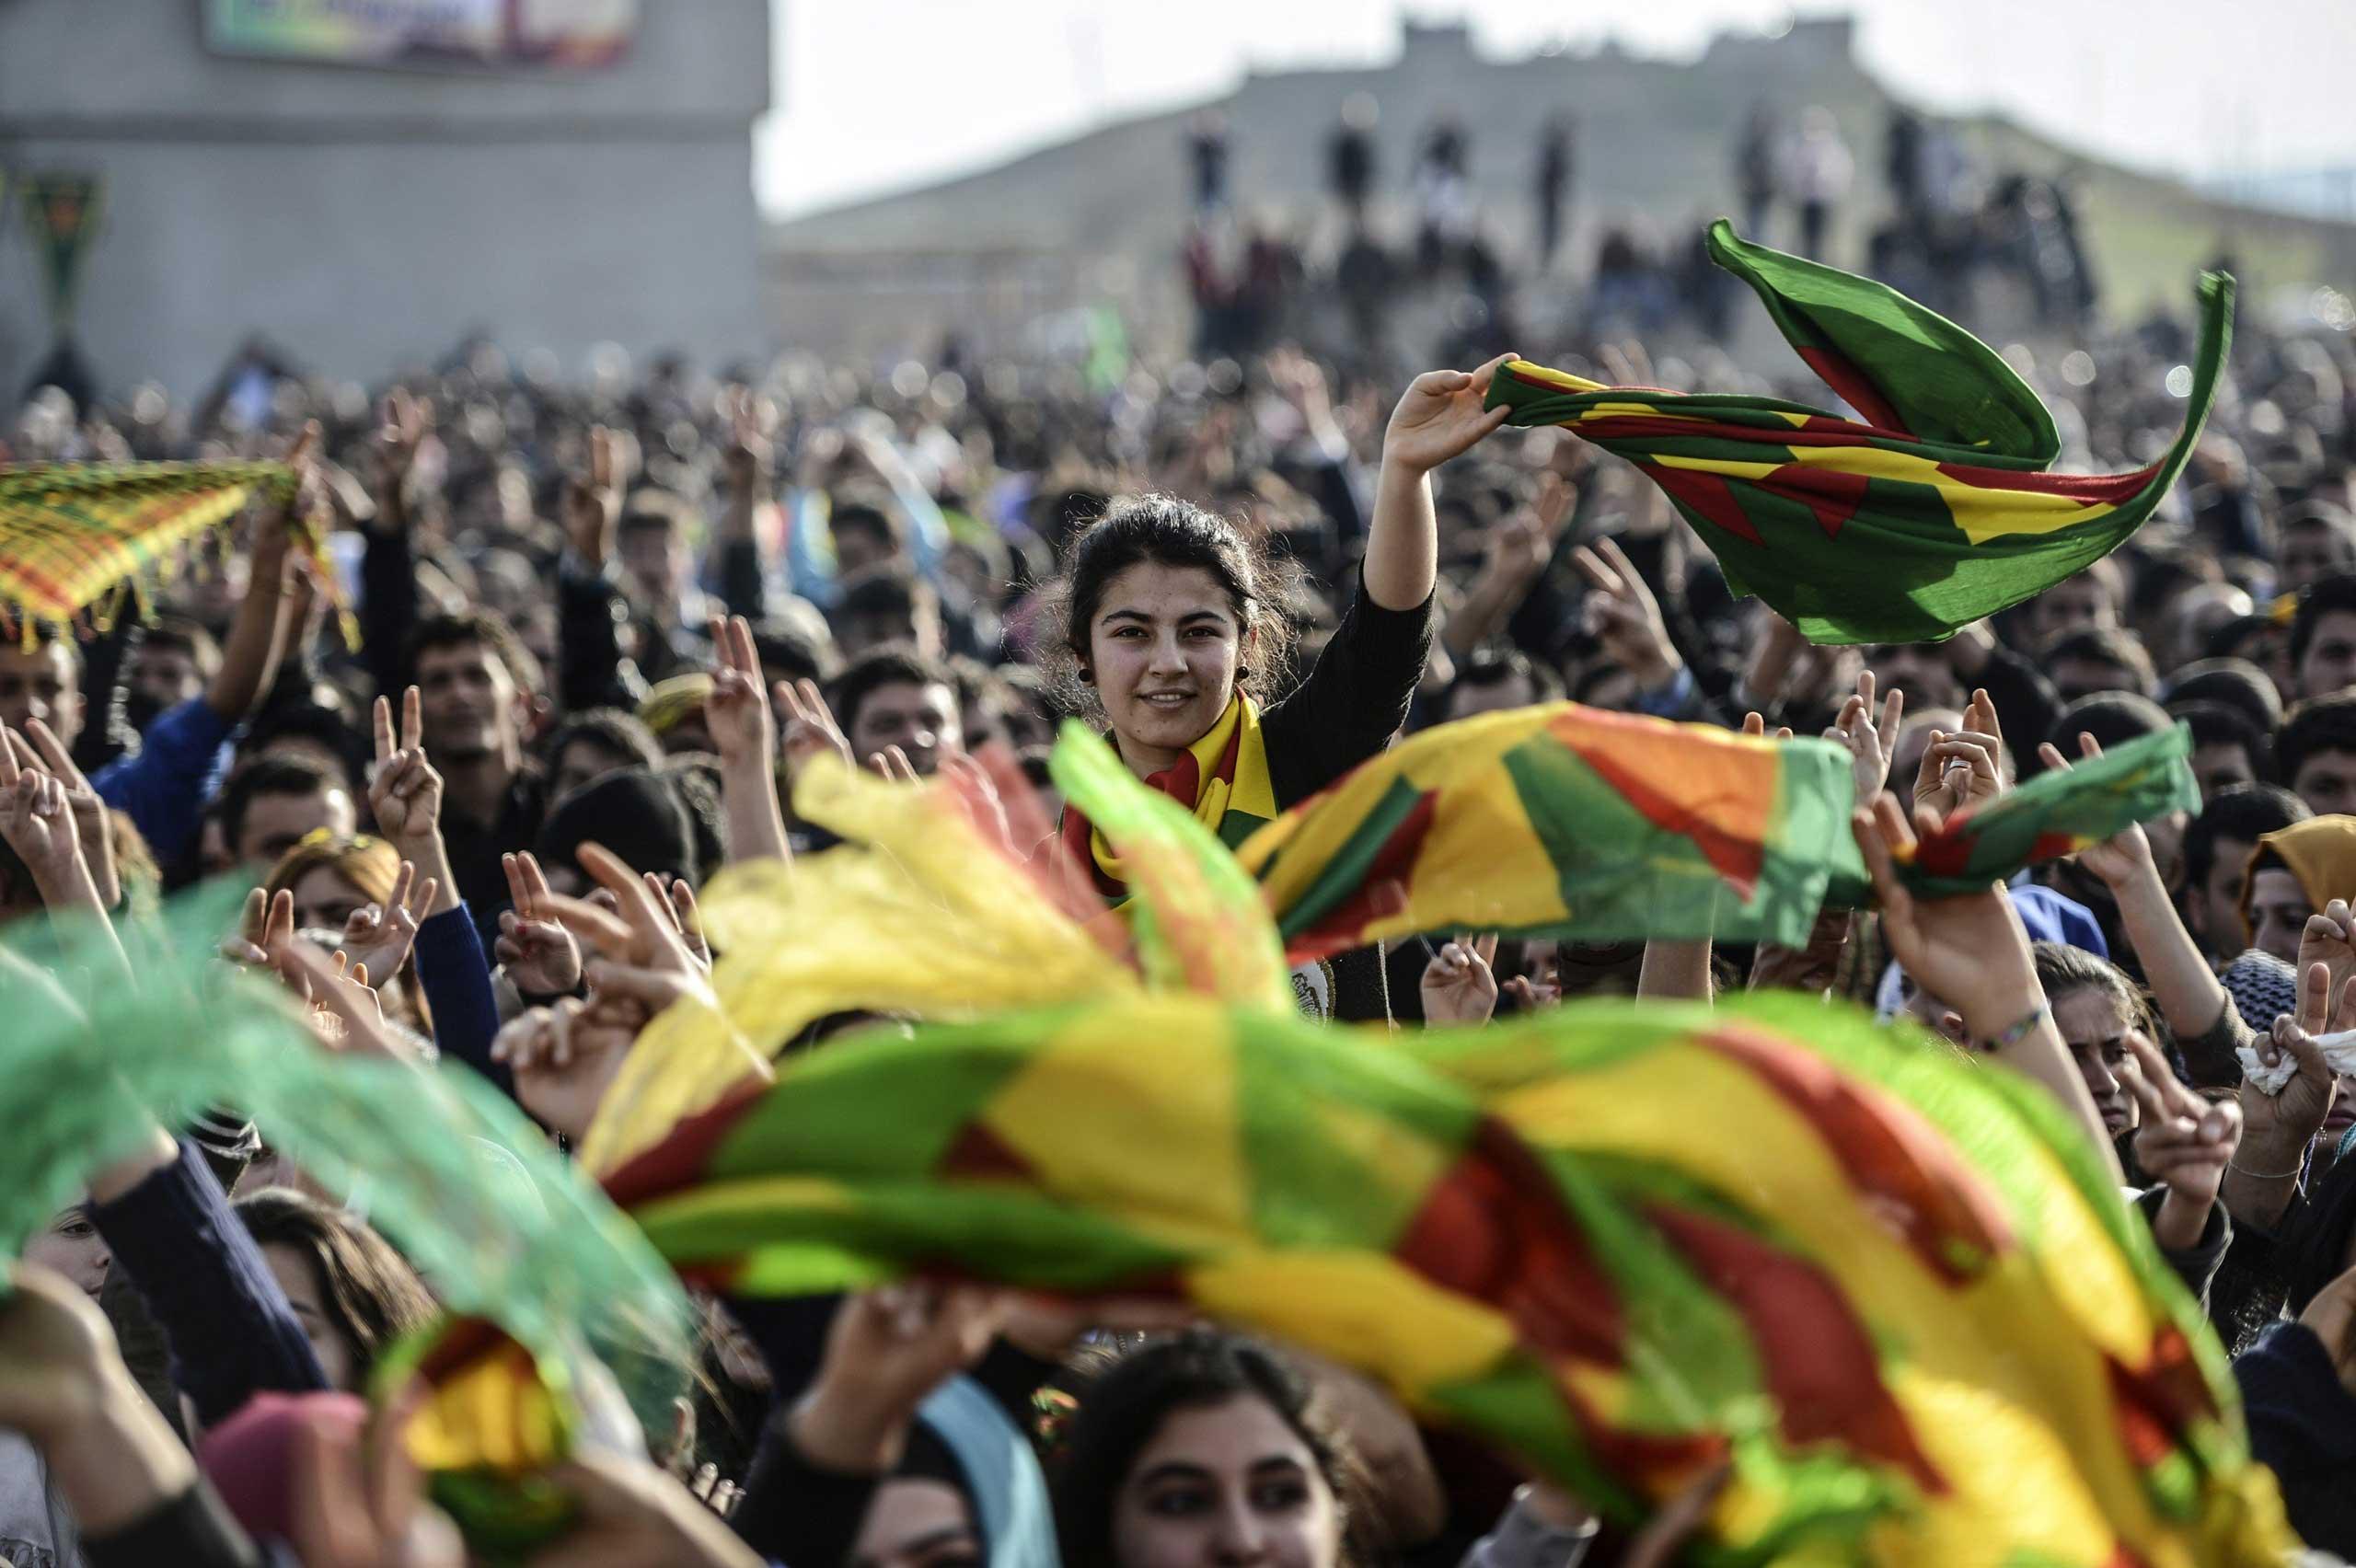 Kurdish people attend a celebration rally near the Turkish-Syrian border in Suruc, Turkey, on Jan. 27, 2015.